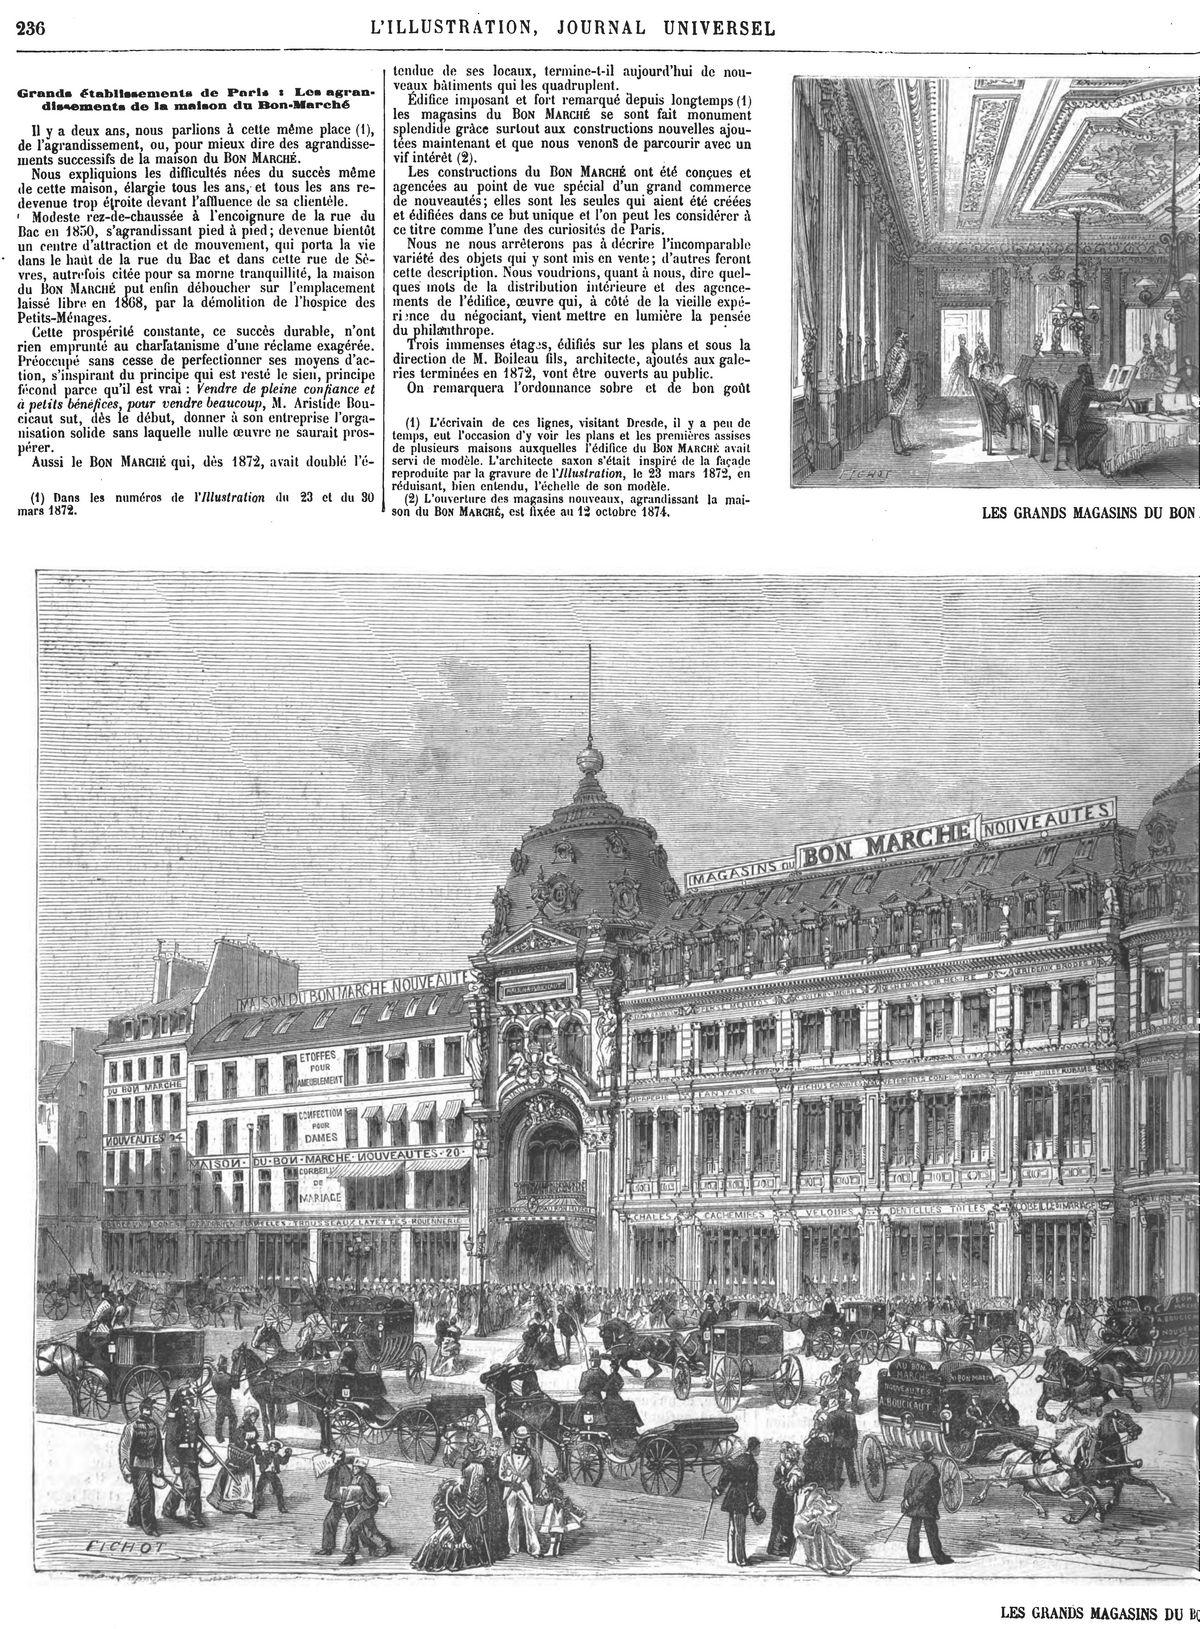 Grands magasins du Bon Marché : Salon de lecture; Gravure 1874 — Vue générale; Gravure 1874